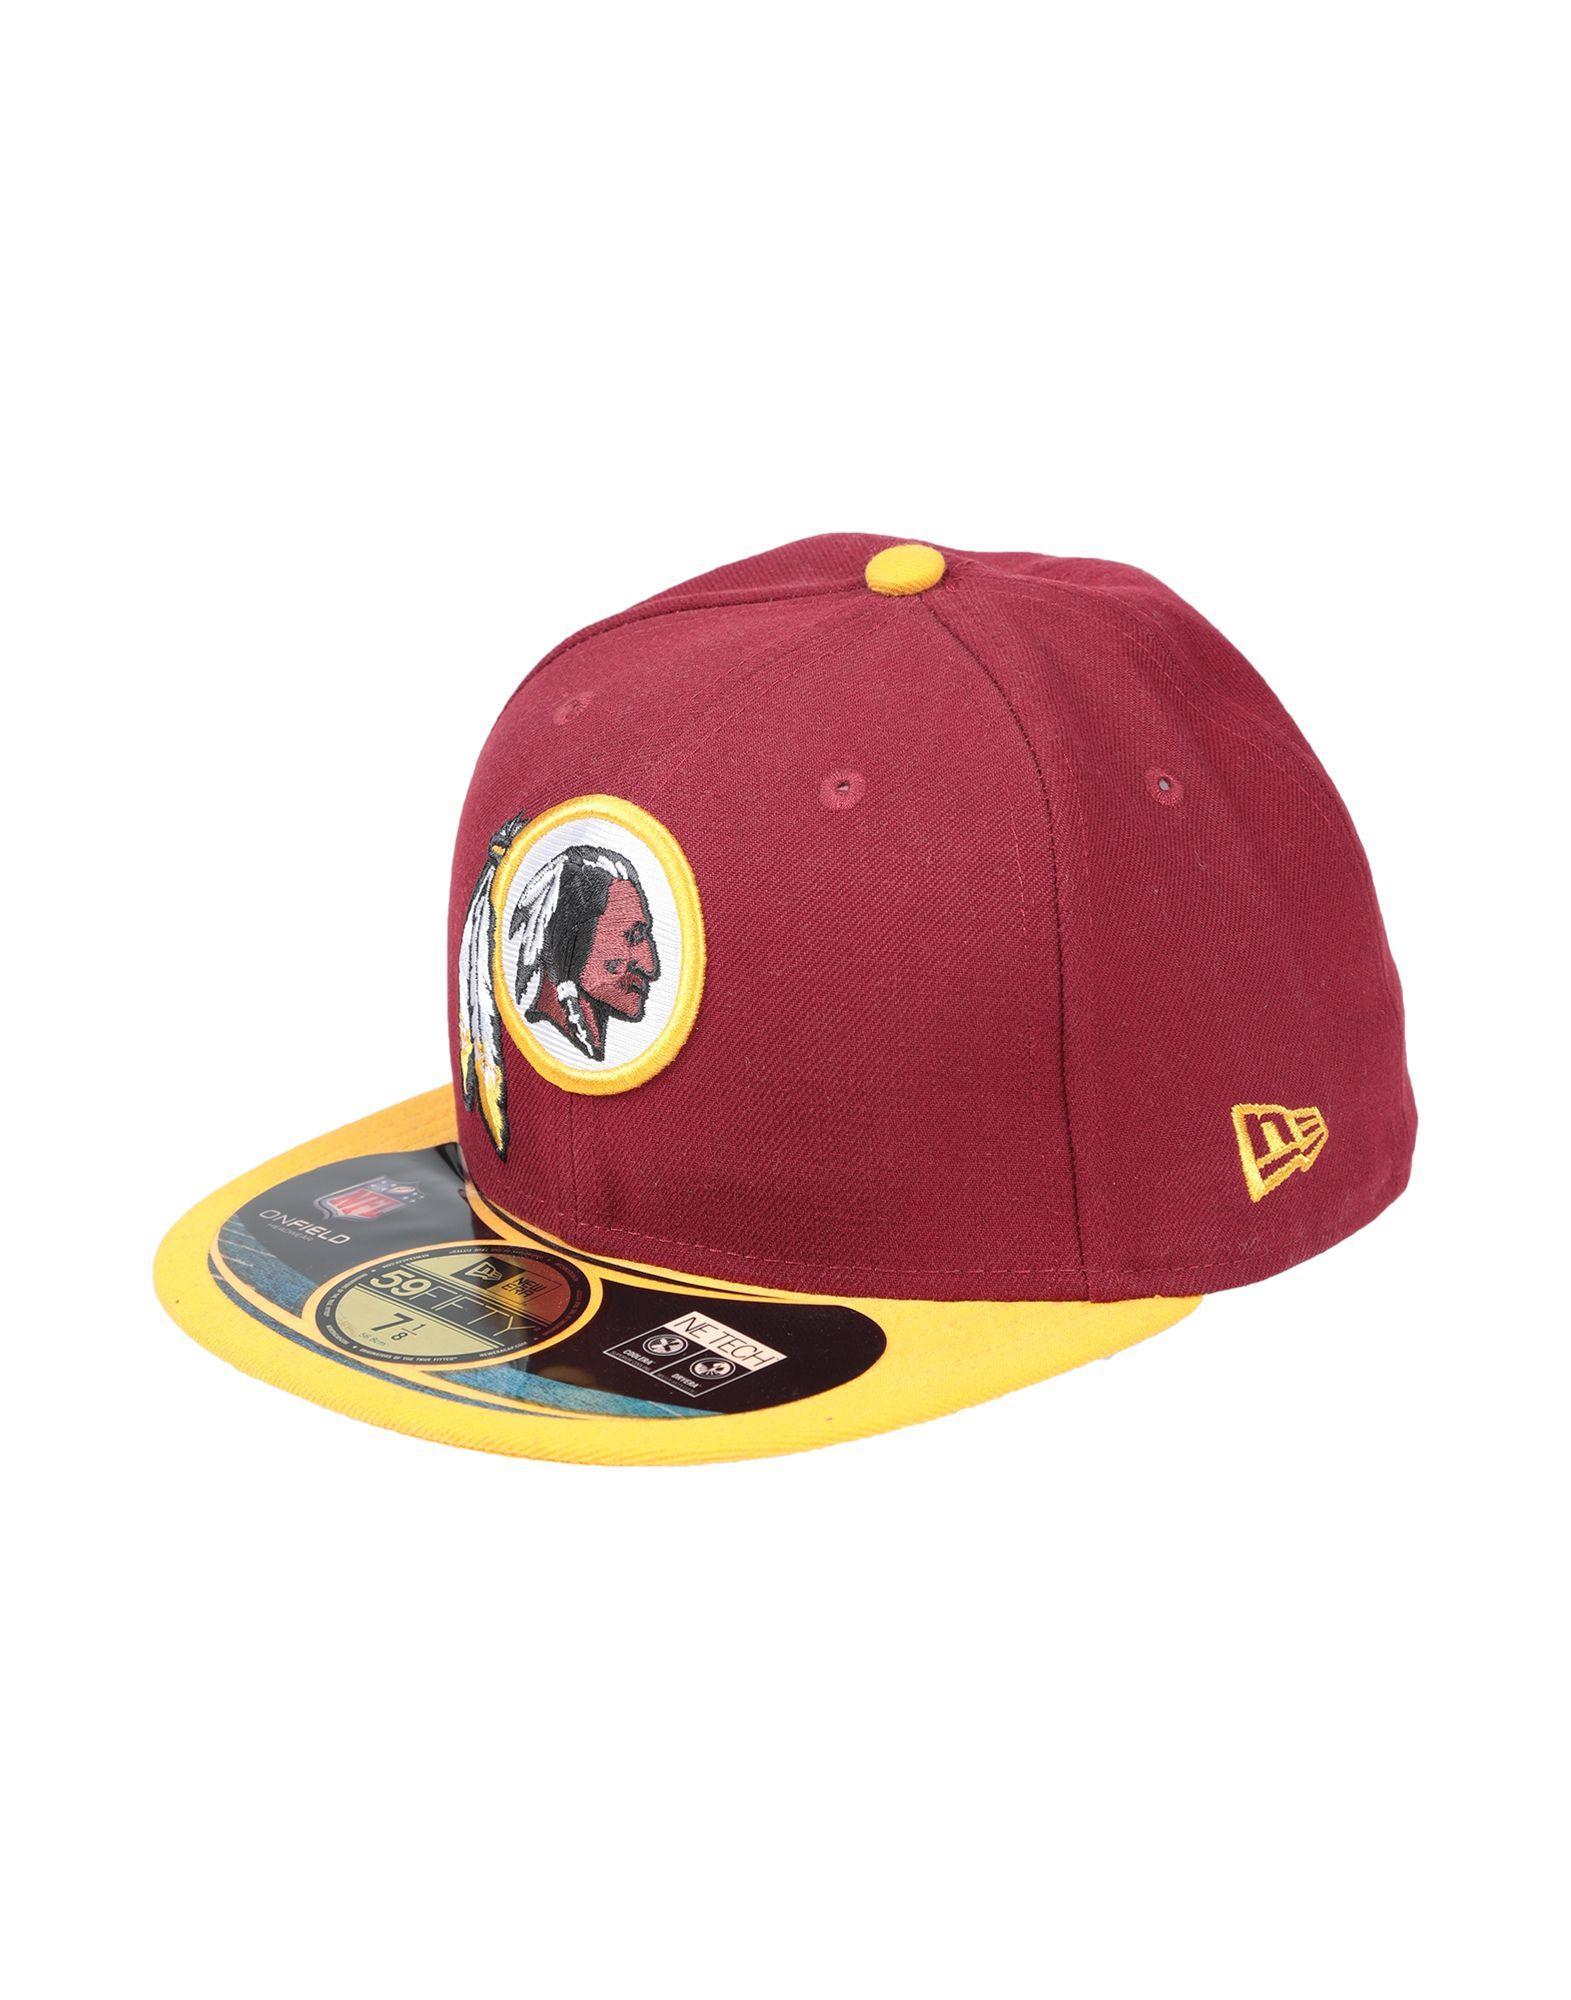 《期間限定 セール開催中》NEW ERA メンズ 帽子 レンガ 7 ポリエステル 100%